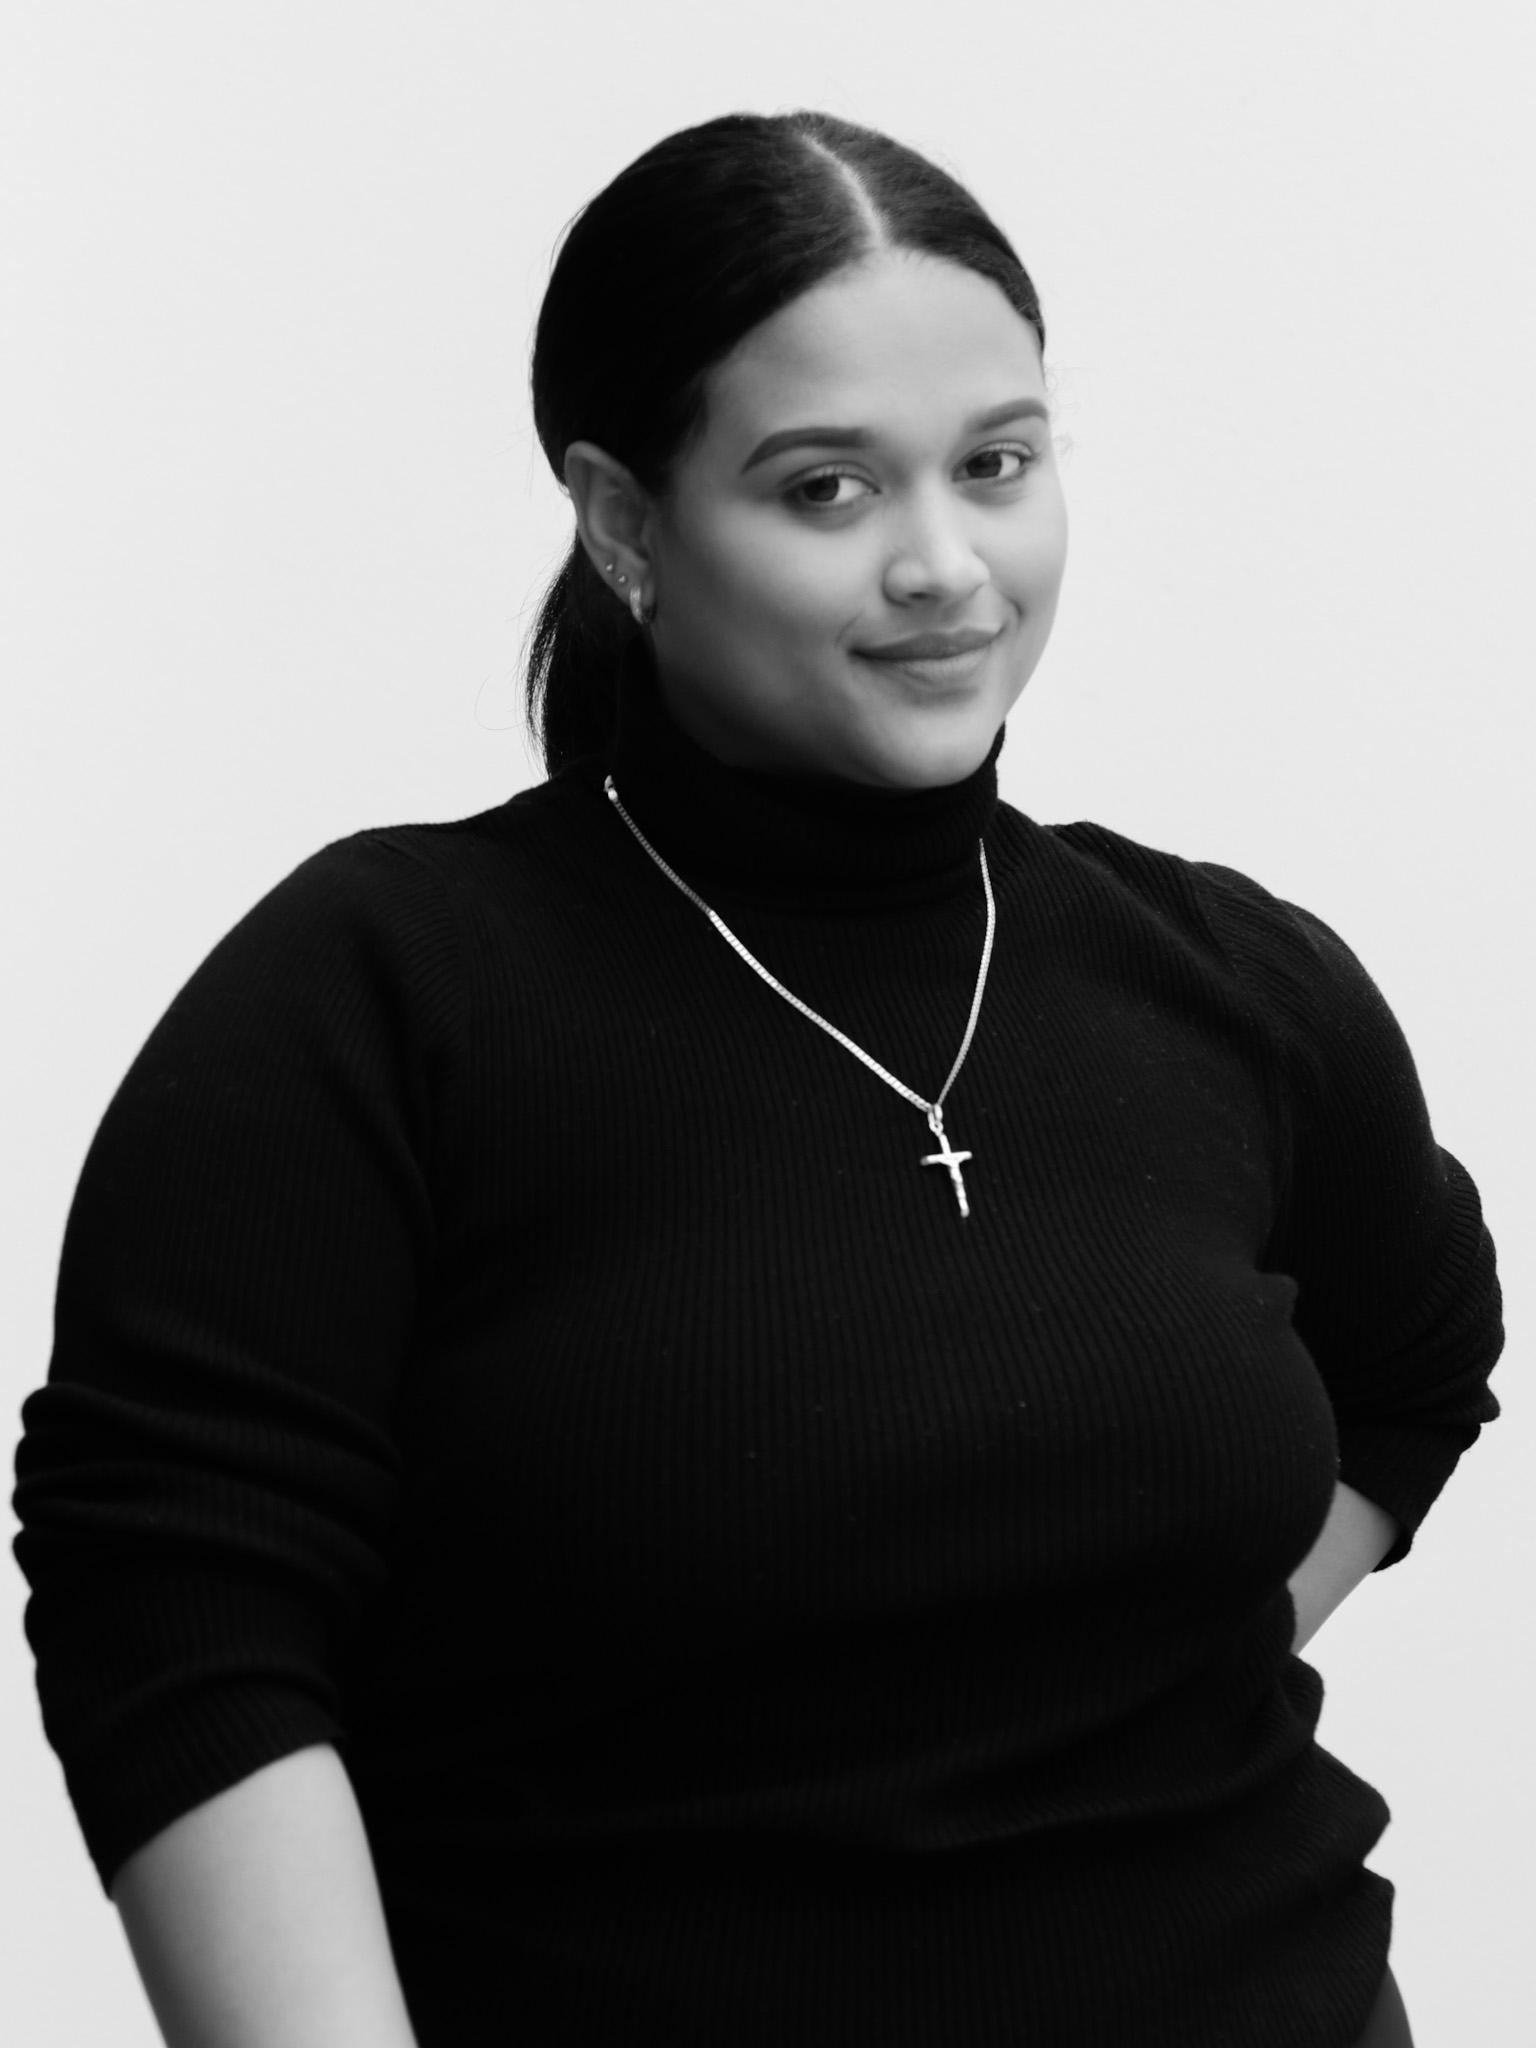 Franlly Guerrero